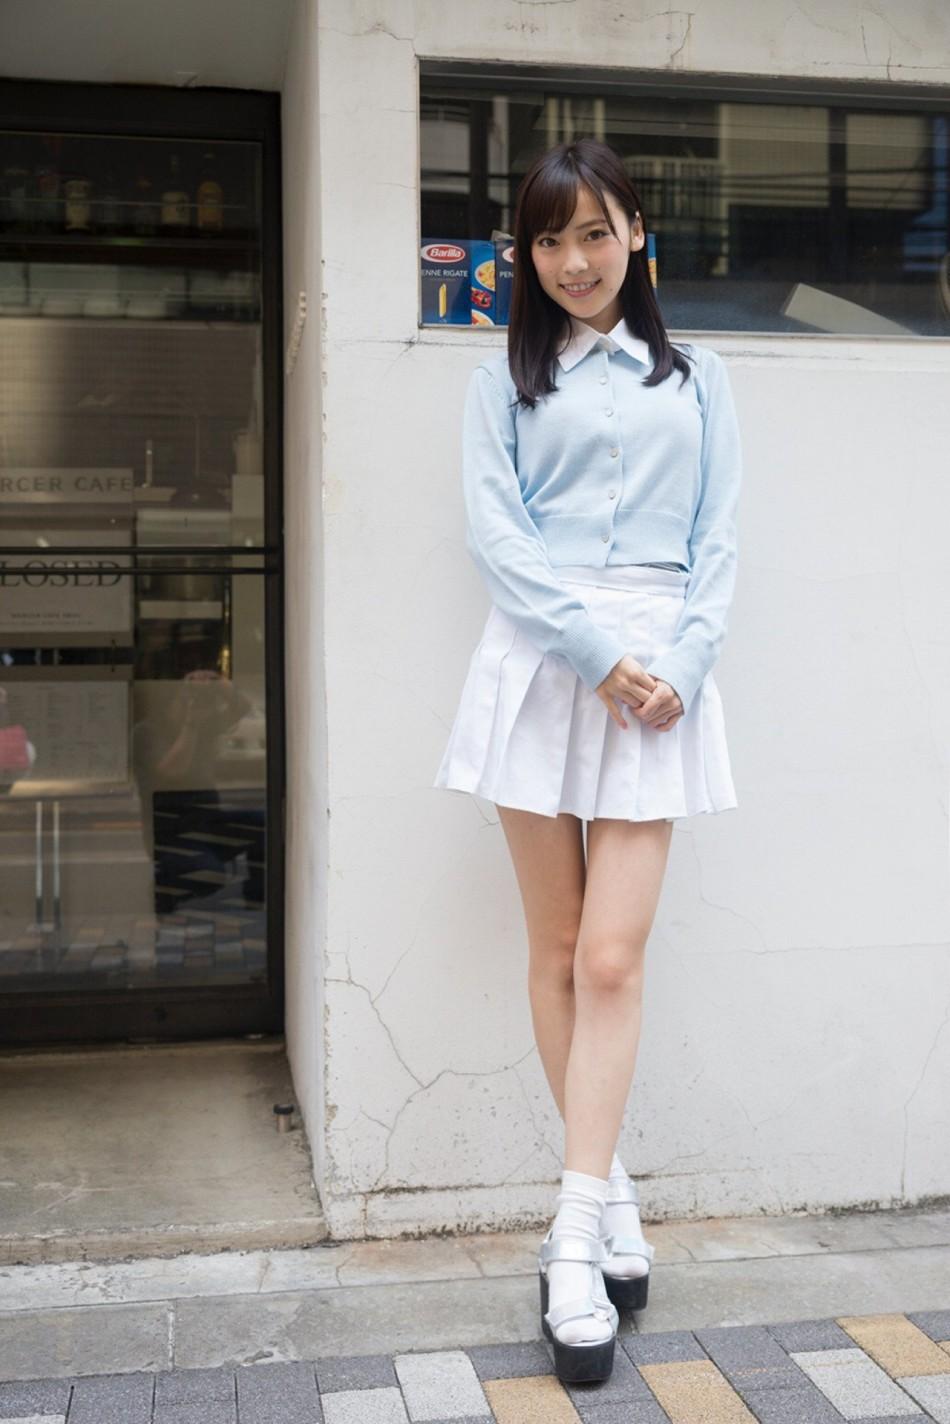 16岁少女微乳_清爽透心无负担 微乳美少女最新写真激发保护欲(16)